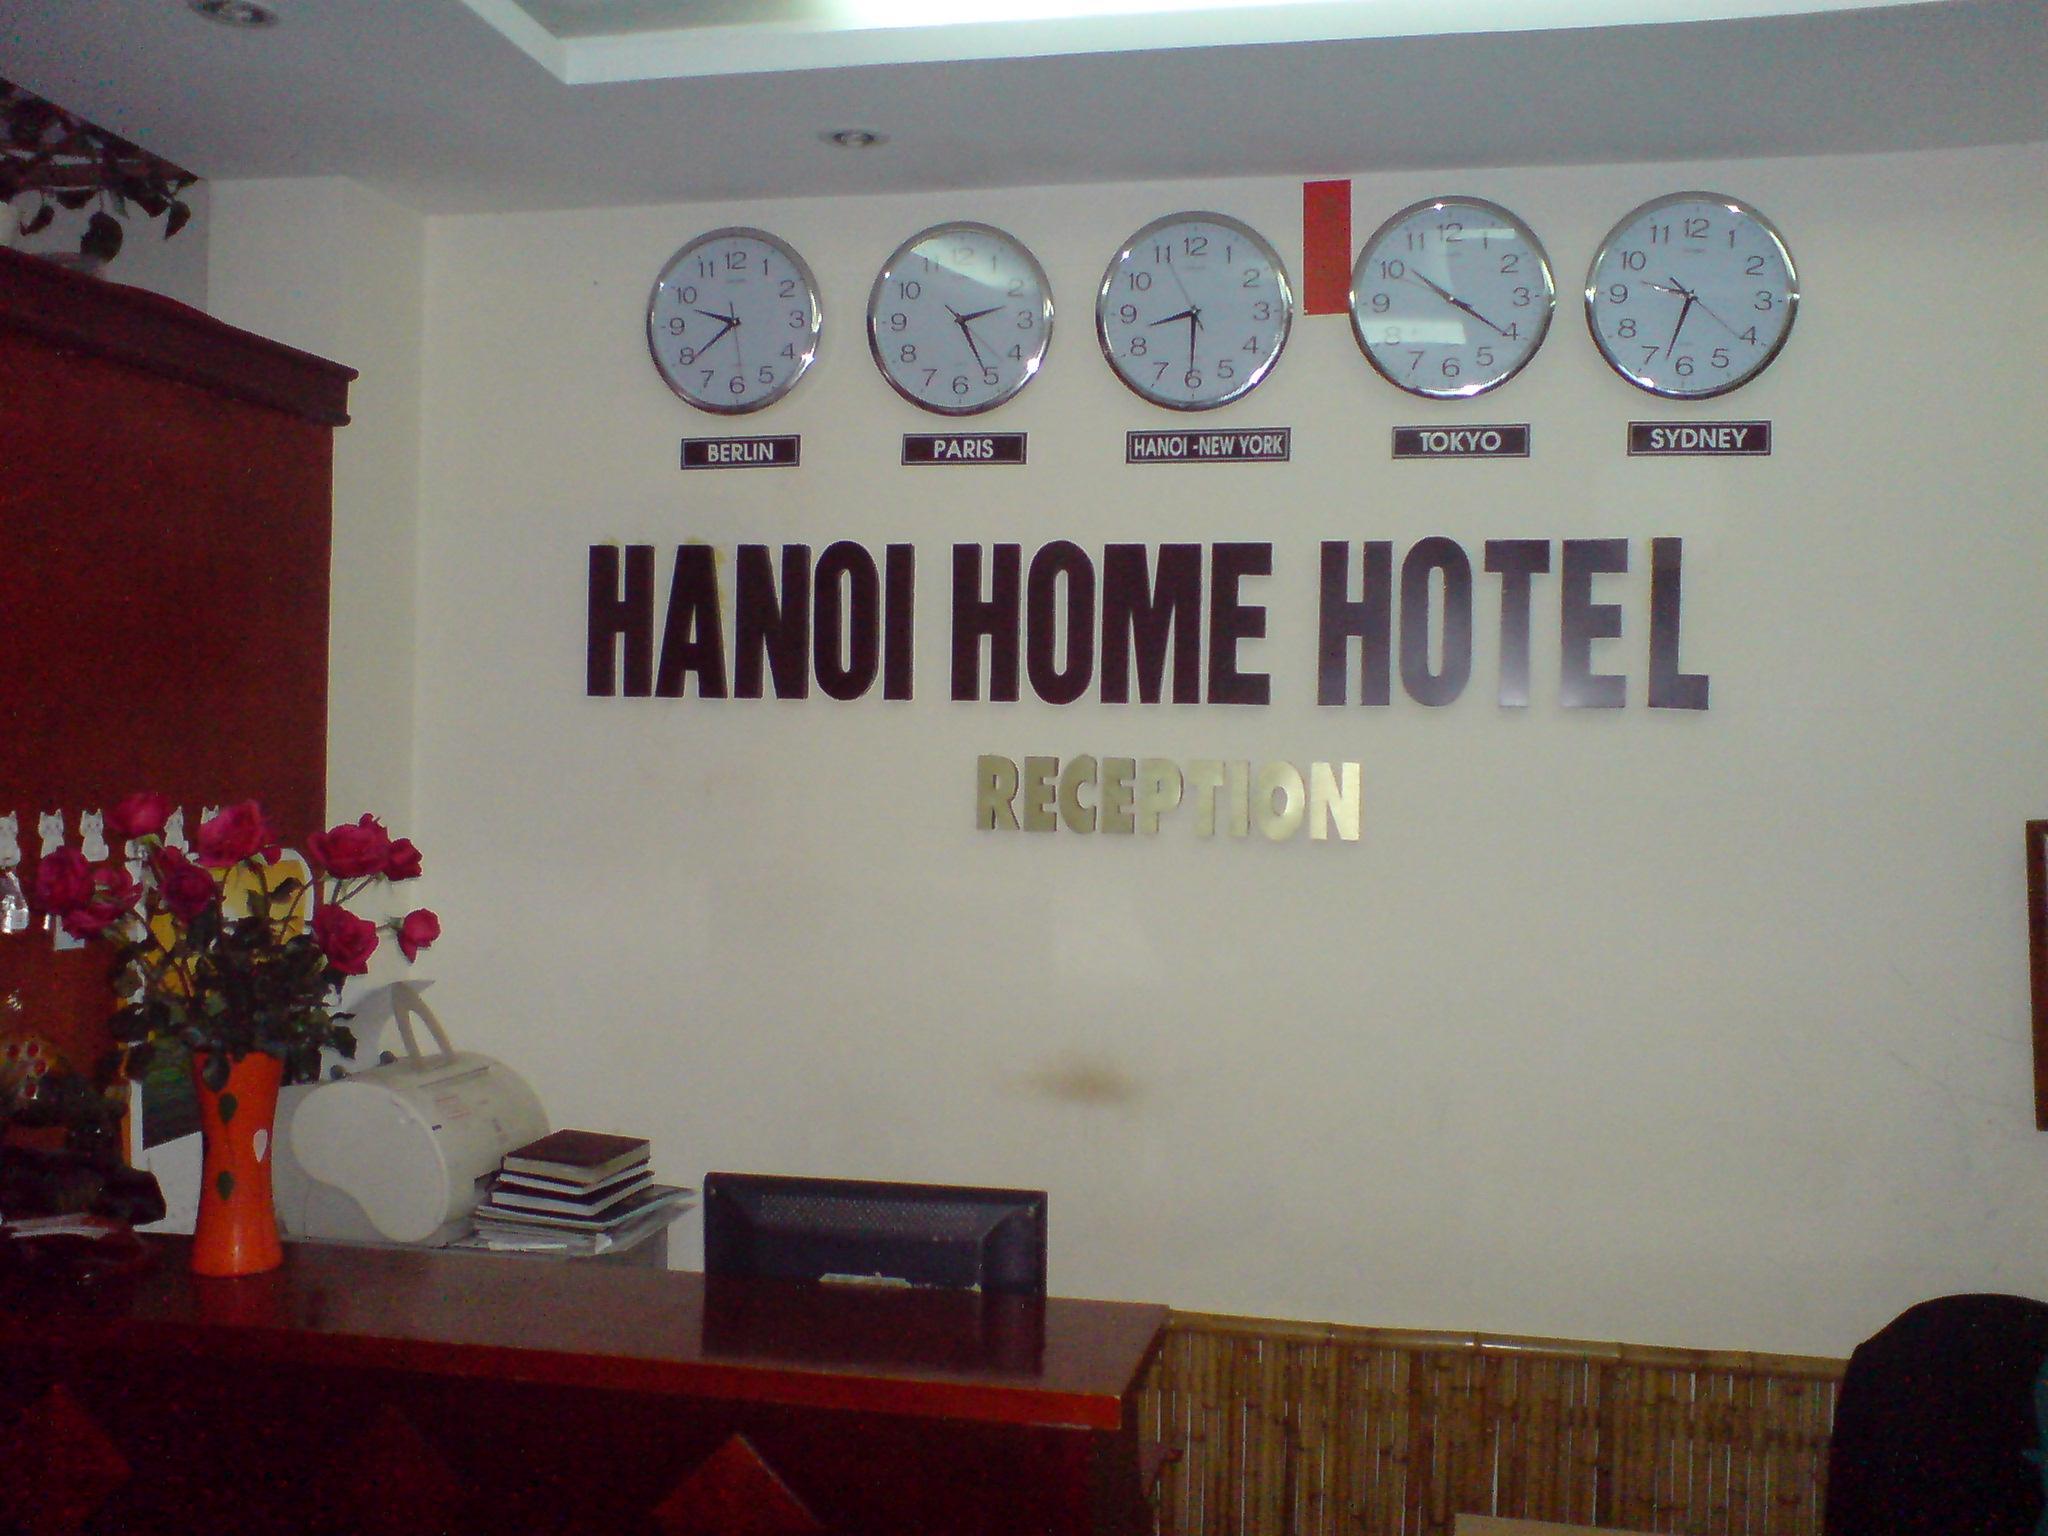 Hanoi Home Hotel - Hotell och Boende i Vietnam , Hanoi